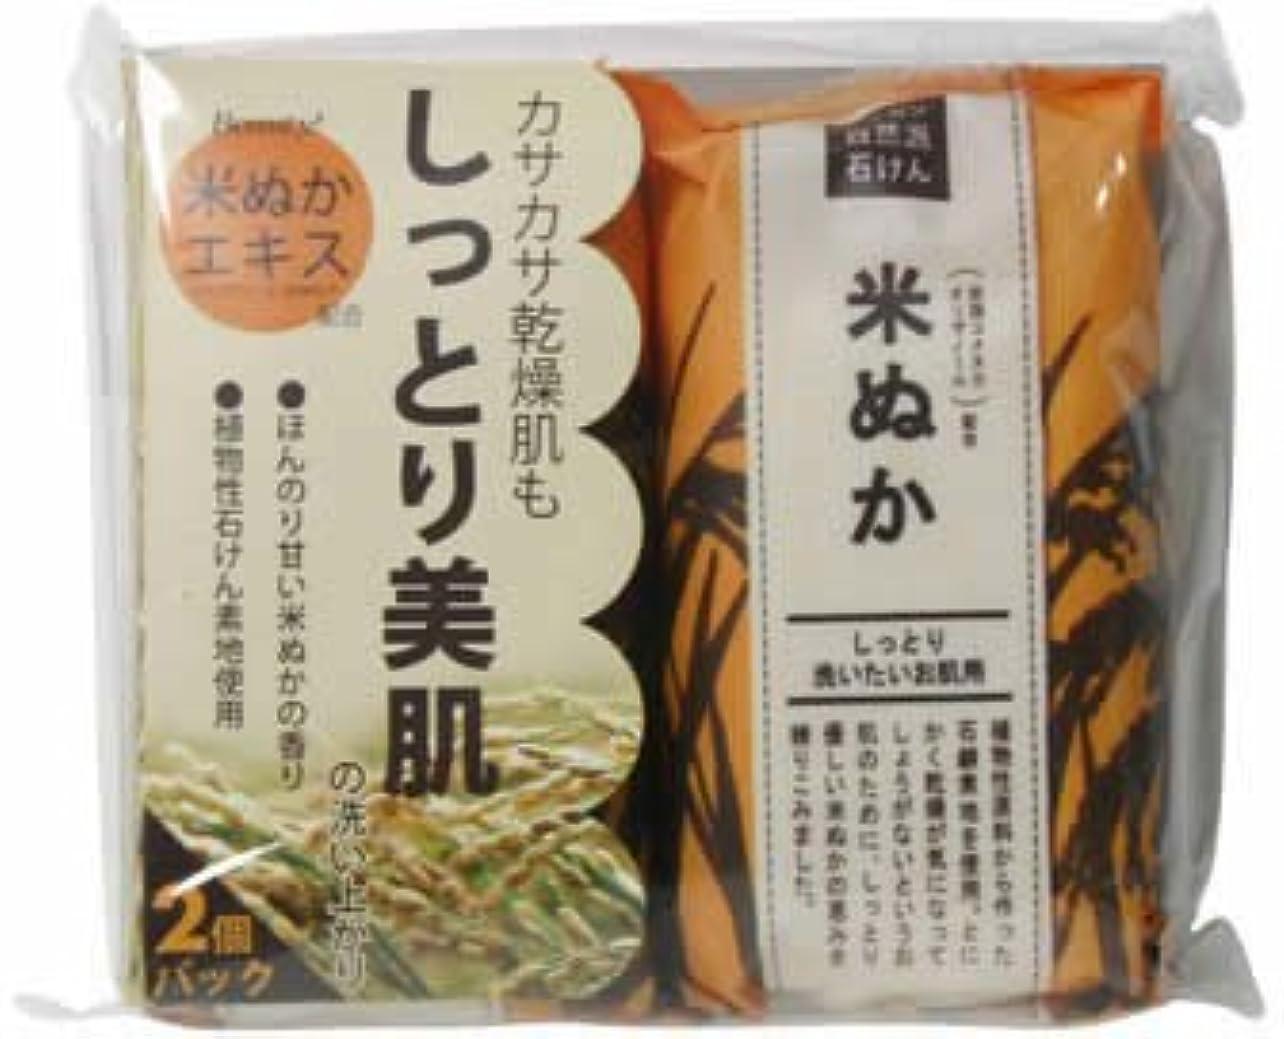 サイクル待つ舞い上がるペリカン石鹸 自然派石けん米ぬか 100g×2個